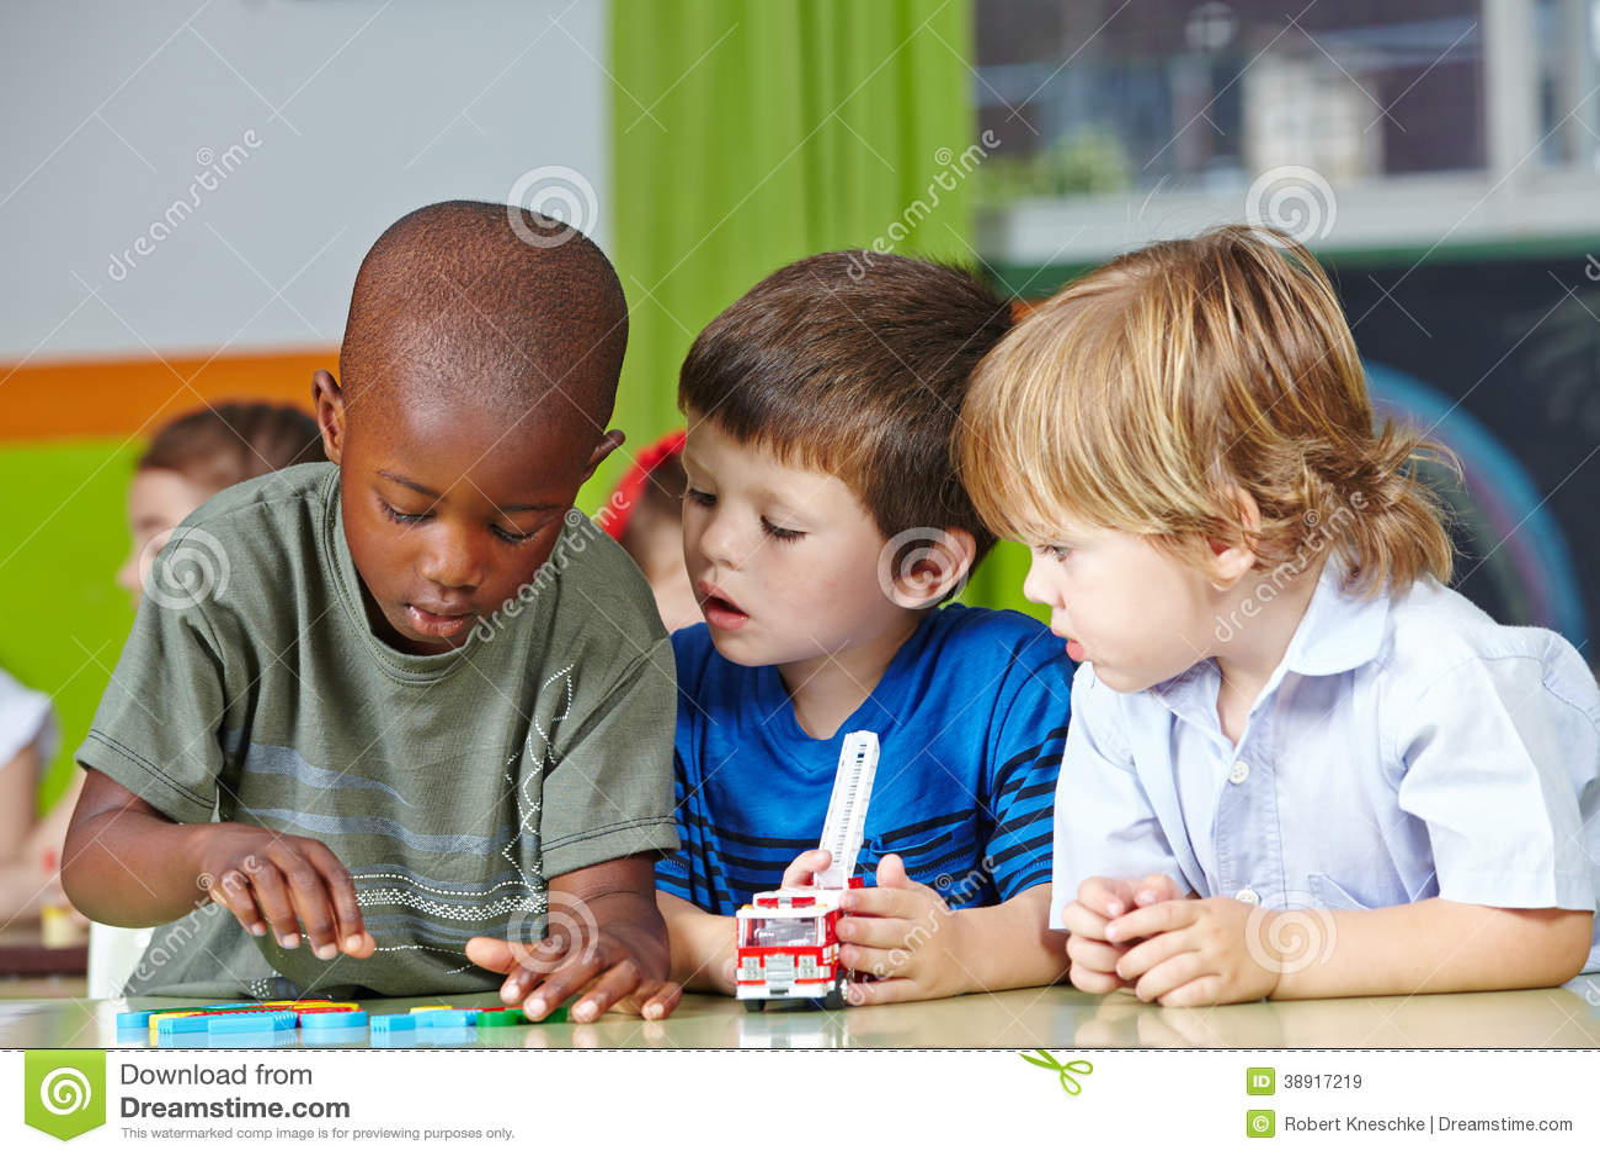 Παιδιά στο παιχνίδι παιδικών σταθμών